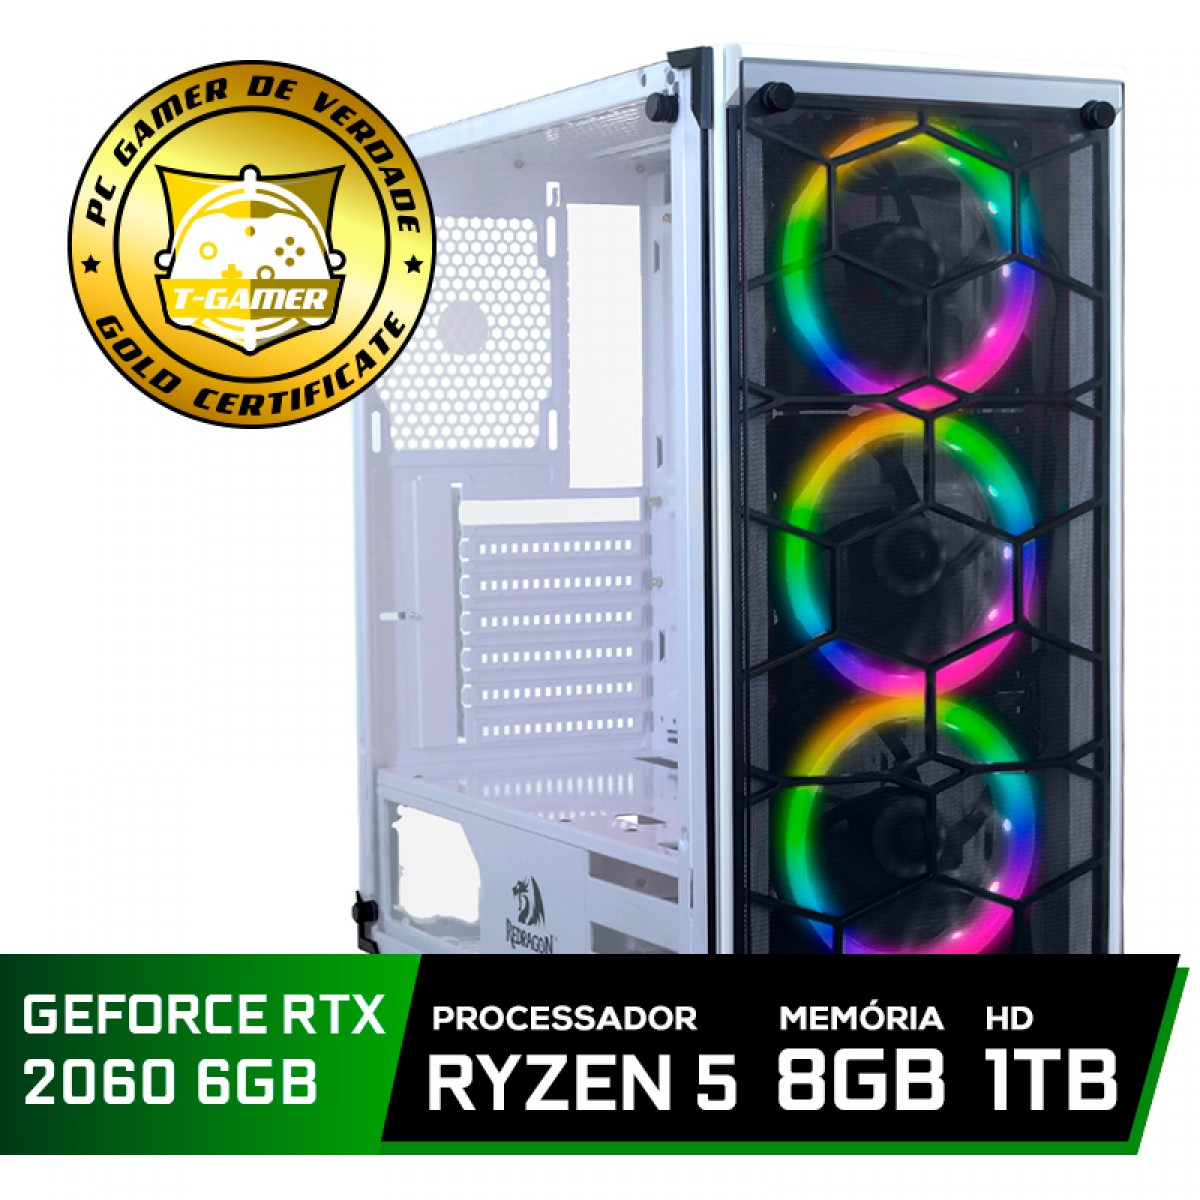 Pc Gamer Tera Edition AMD Ryzen 5 3500 / GeForce RTX 2060 6GB / DDR4 8GB / HD 1TB / 500W